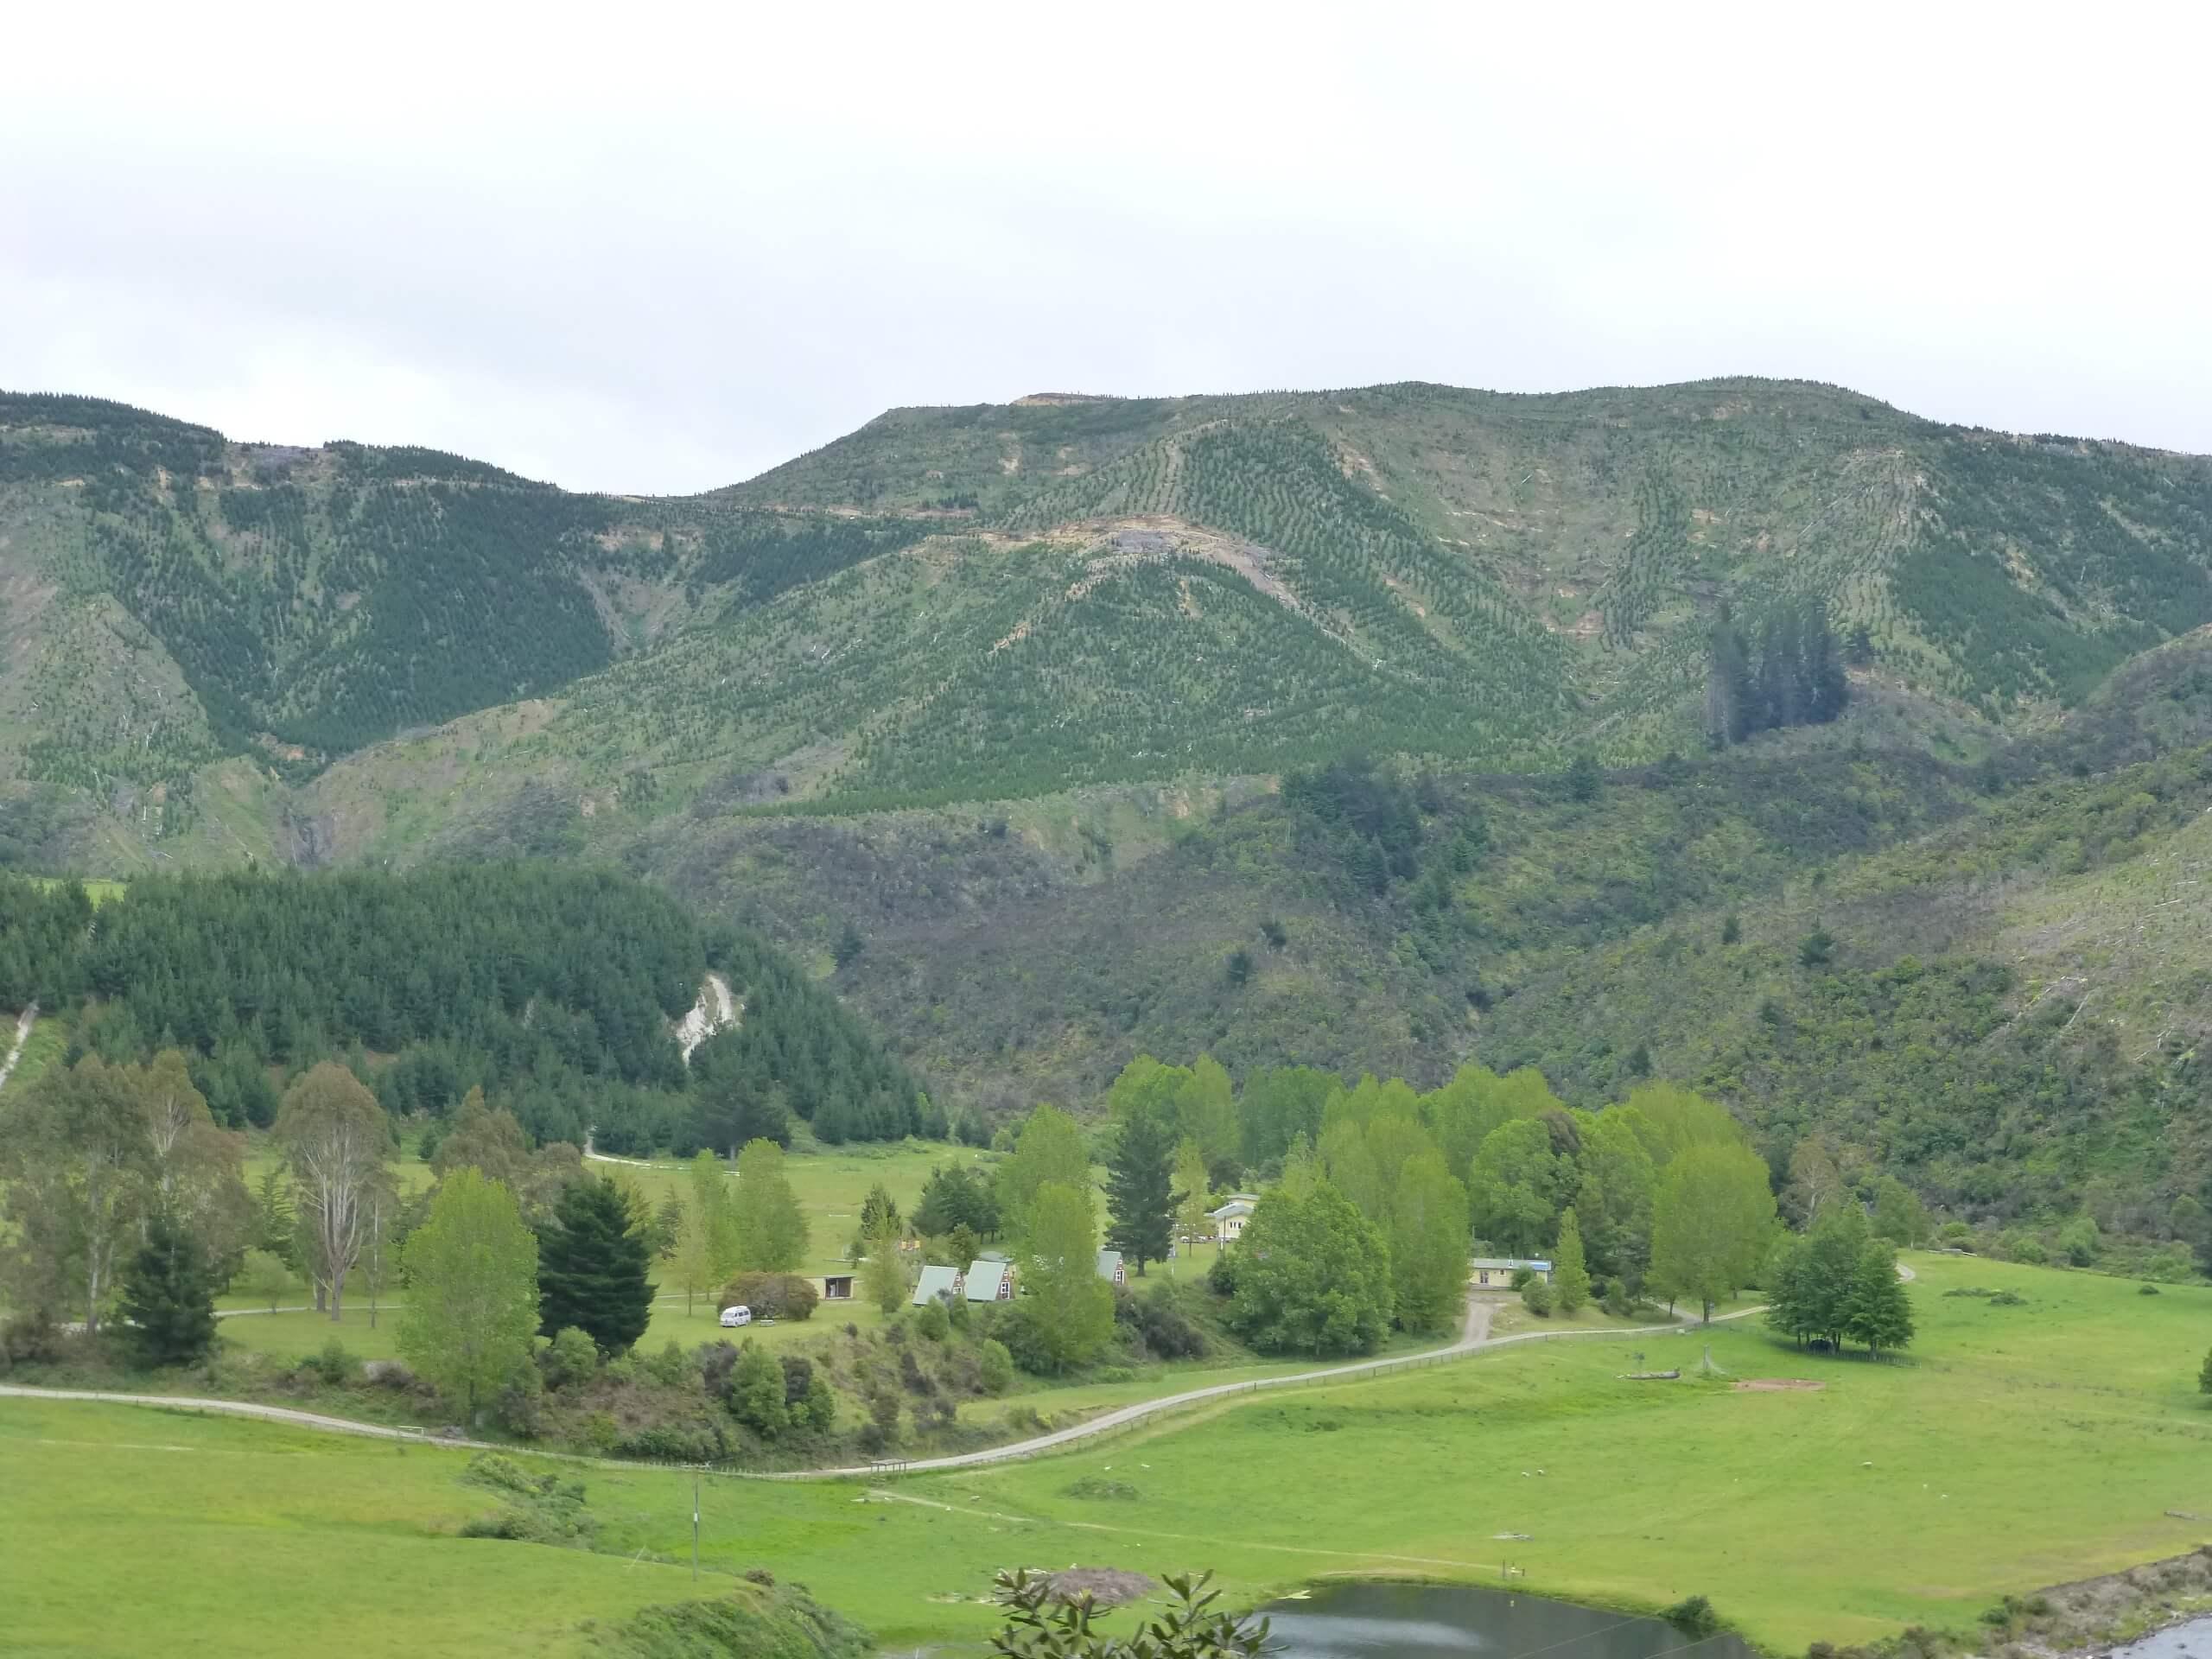 Weit weg Reisen, im Tal des Mōhaka River, die Mountain Valley Adventures Lodge 1